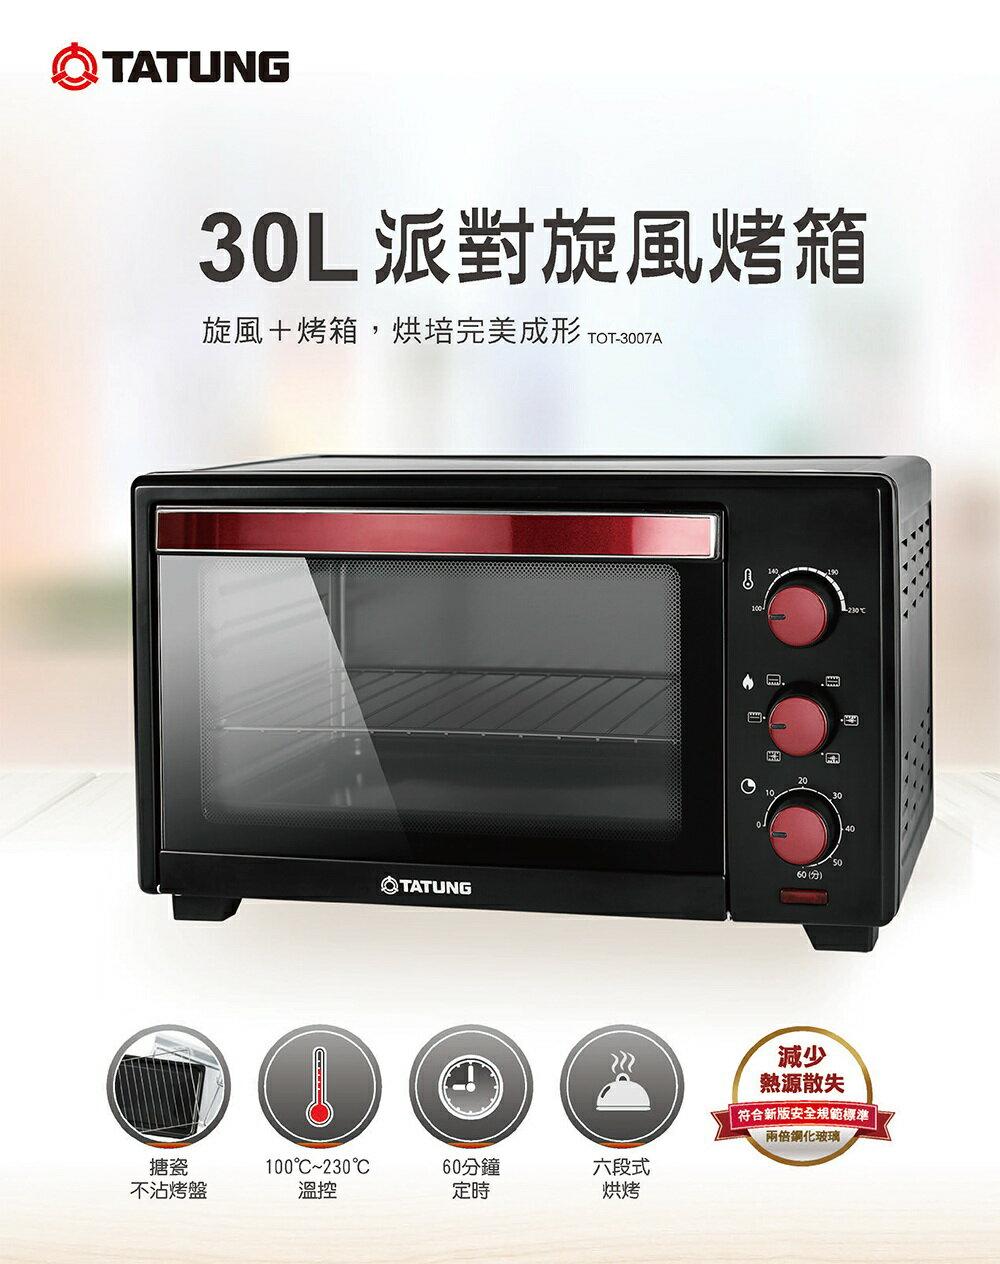 TATUNG大同30L電烤箱 (TOT-3007A)